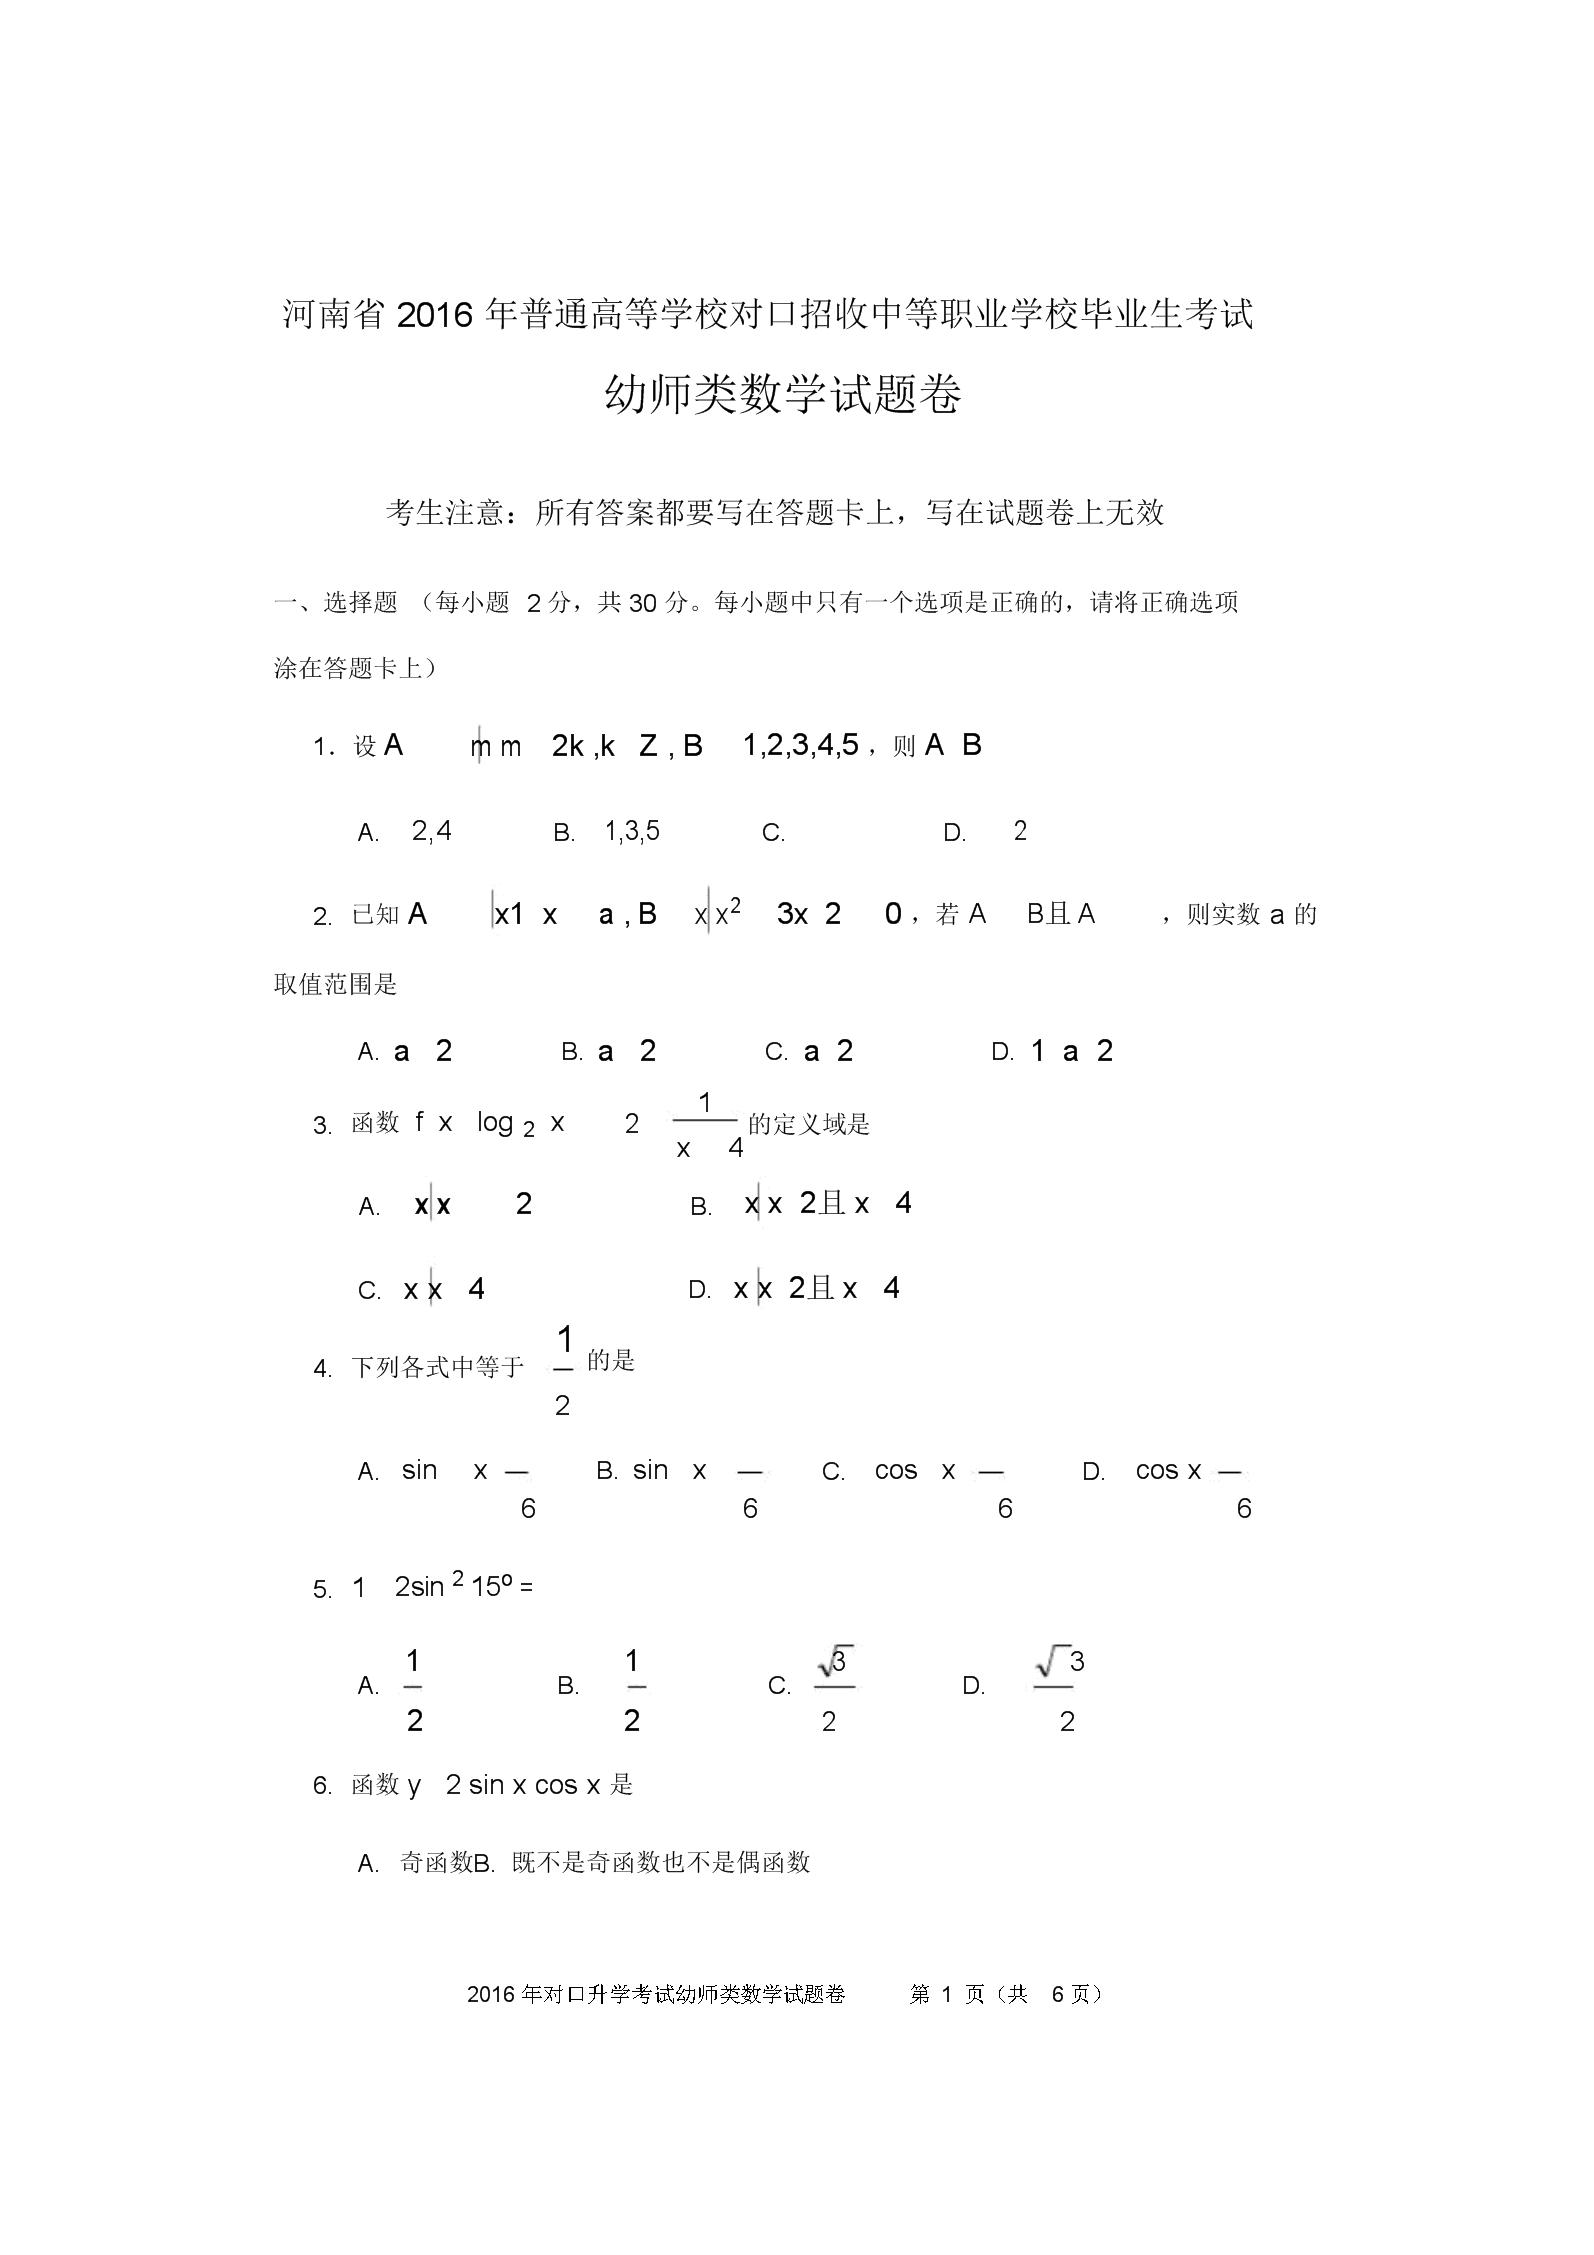 (完整word版)河南省对口升学高考幼师数学试题.doc